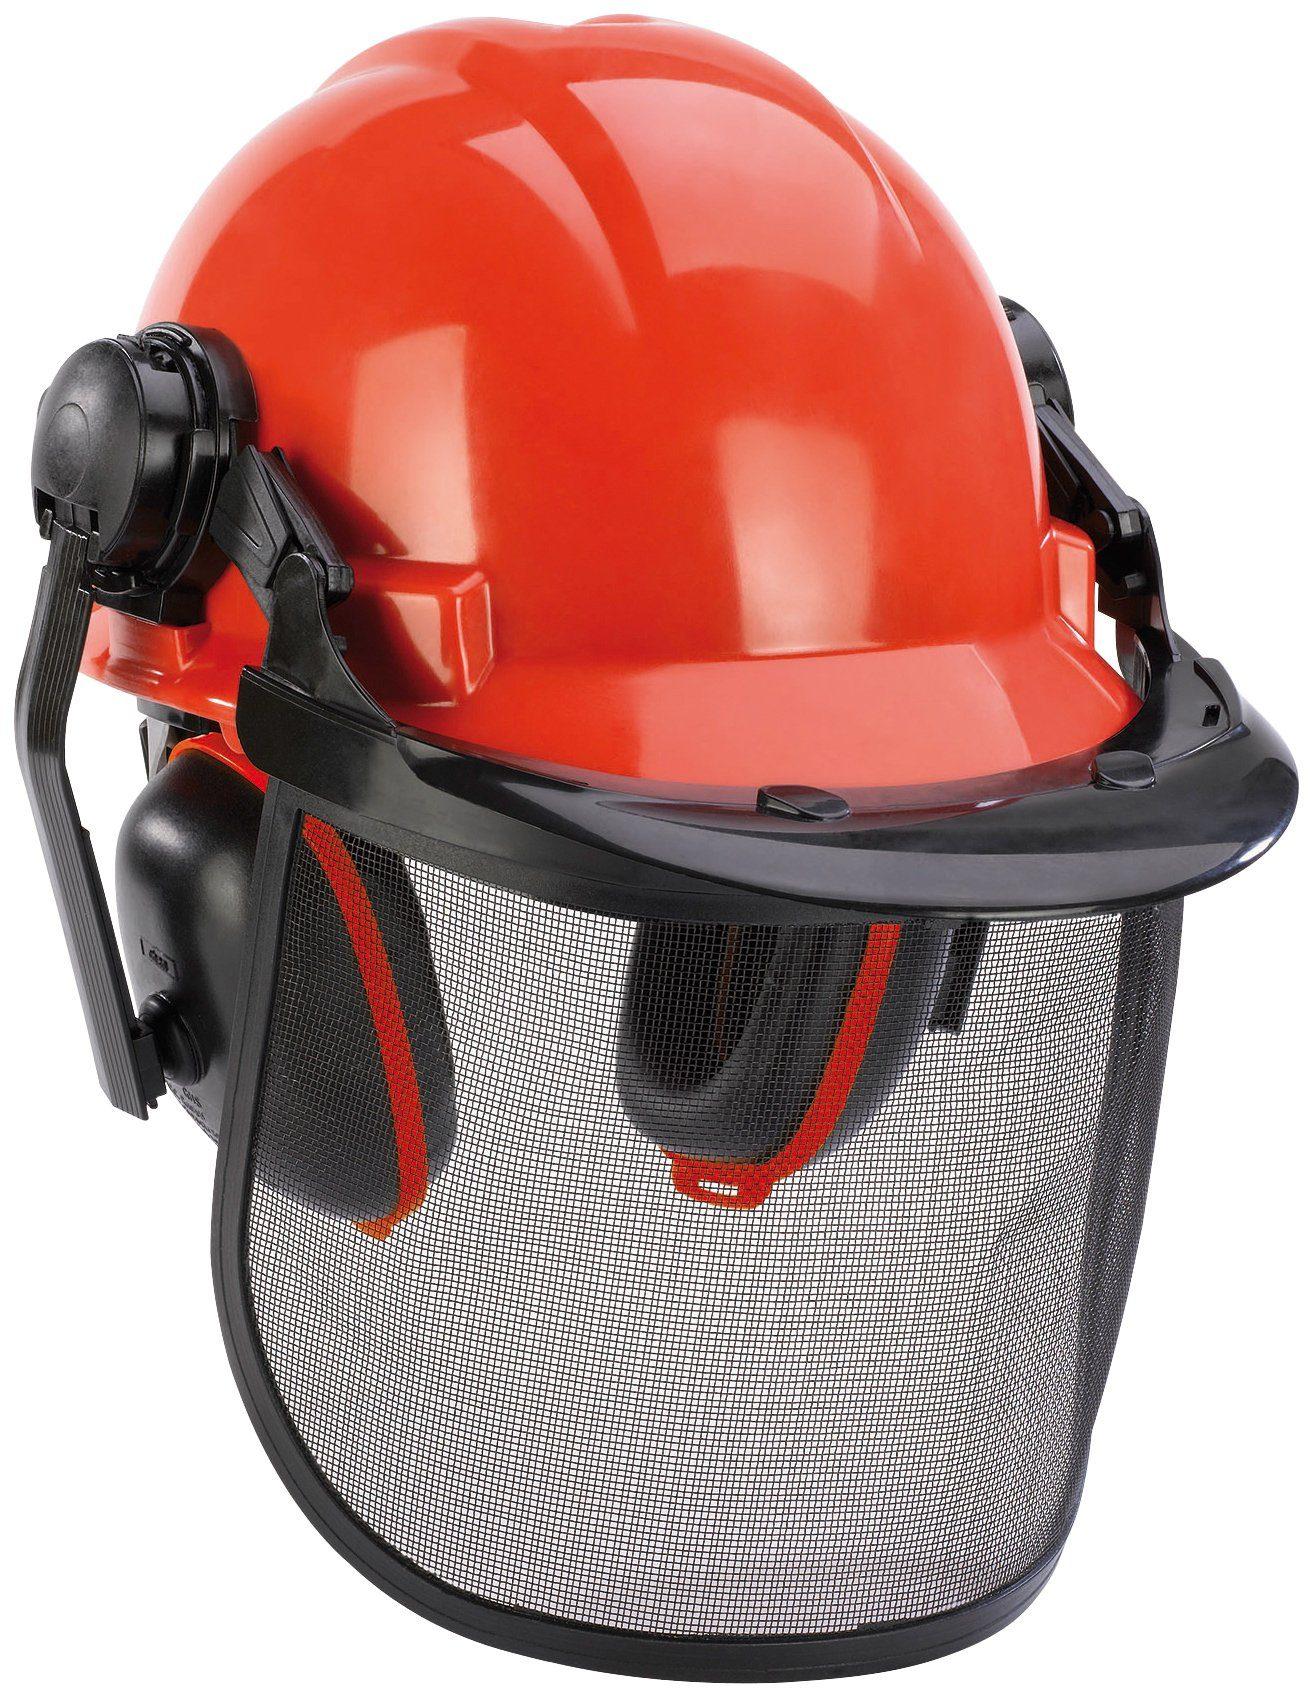 EINHELL Schutzhelm »BG-SH 1«, für Sägearbeiten